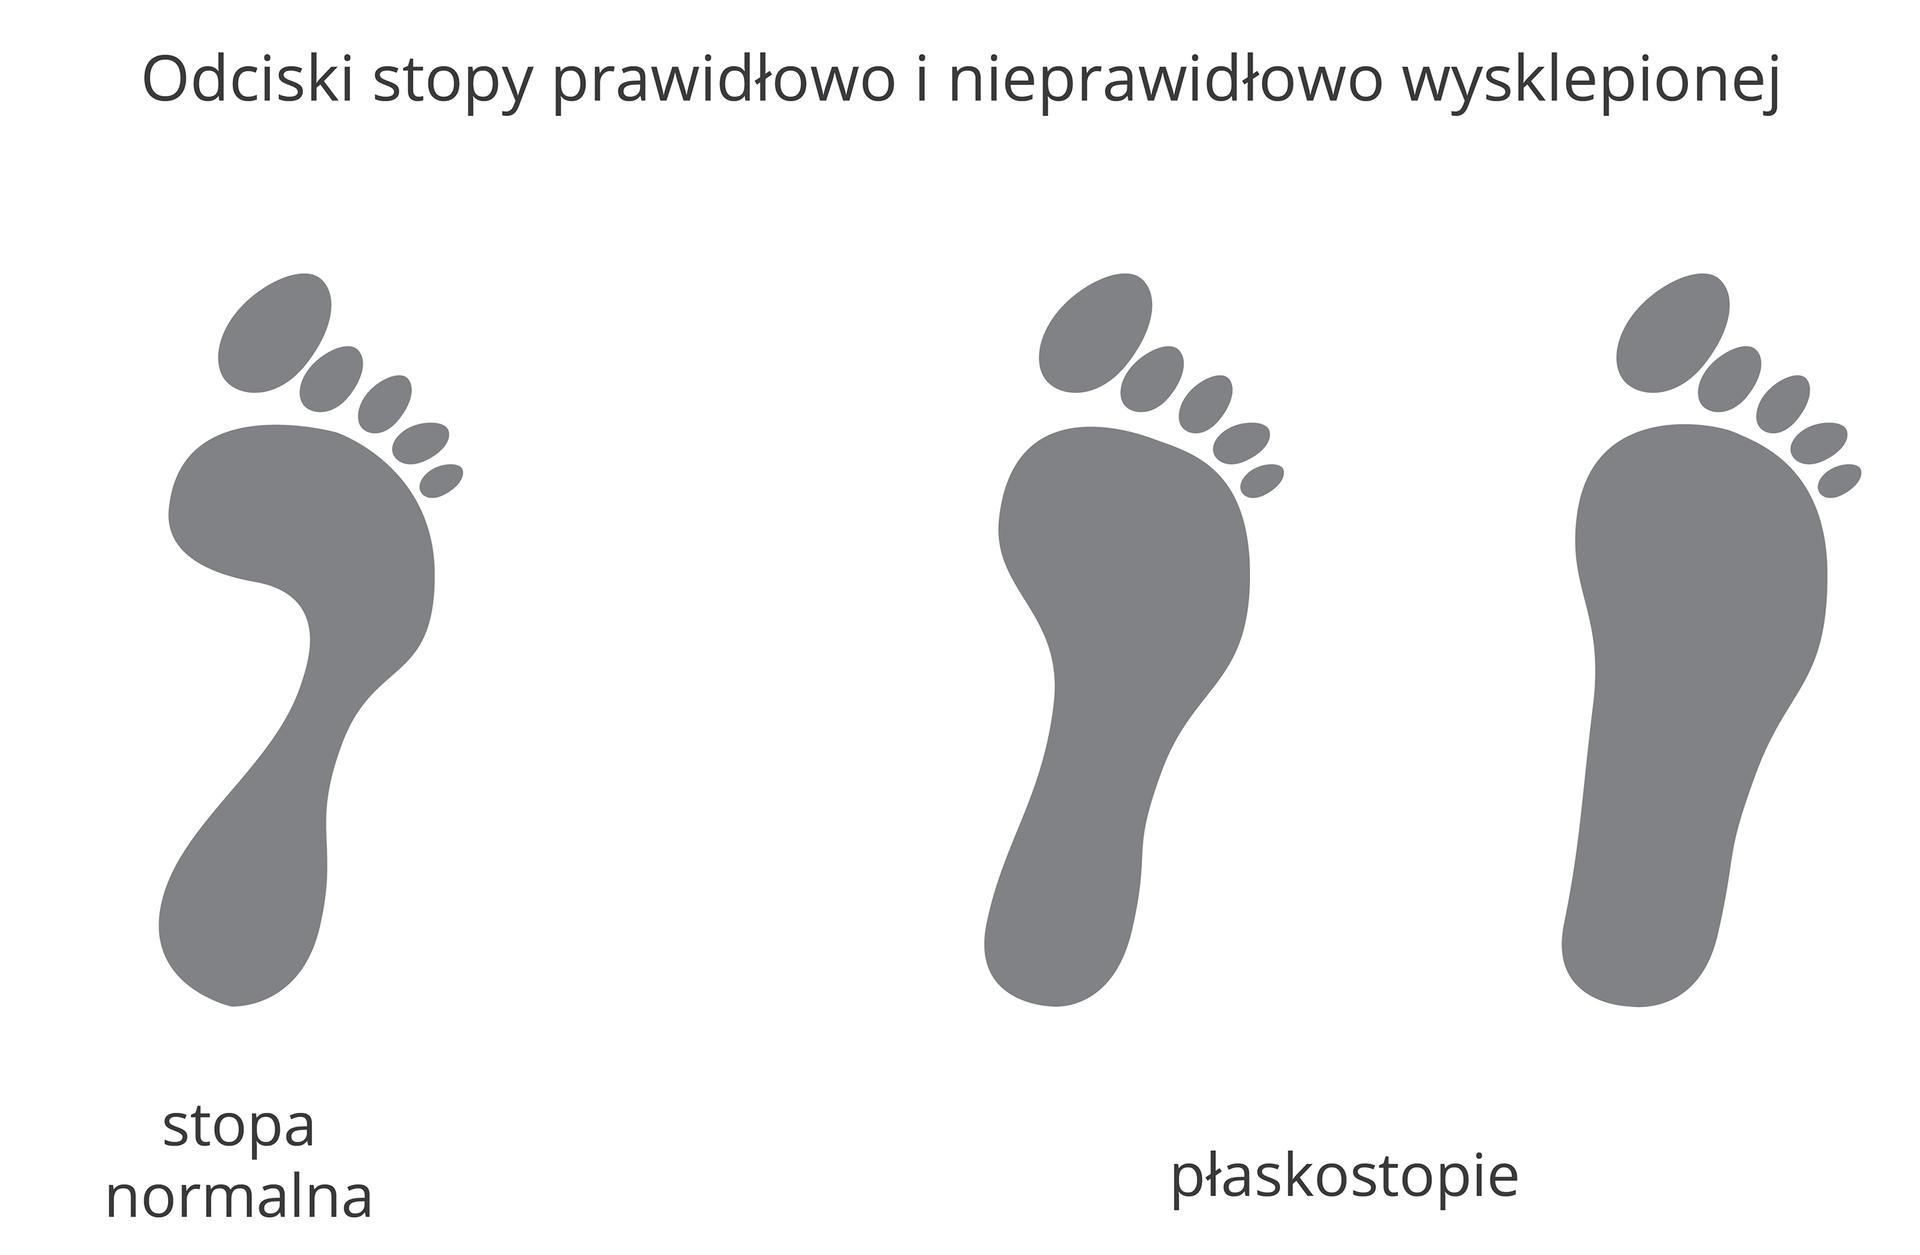 Wgalerii znajdują się dwie plansze, poświęcone przyczynom iskutkom wad stóp. Ilustracja przedstawia 3 czarne odciski stóp (prawa noga). Zlewej stopa normalna, zprawej dwie stopy oróżnym stopniu płaskostopia.